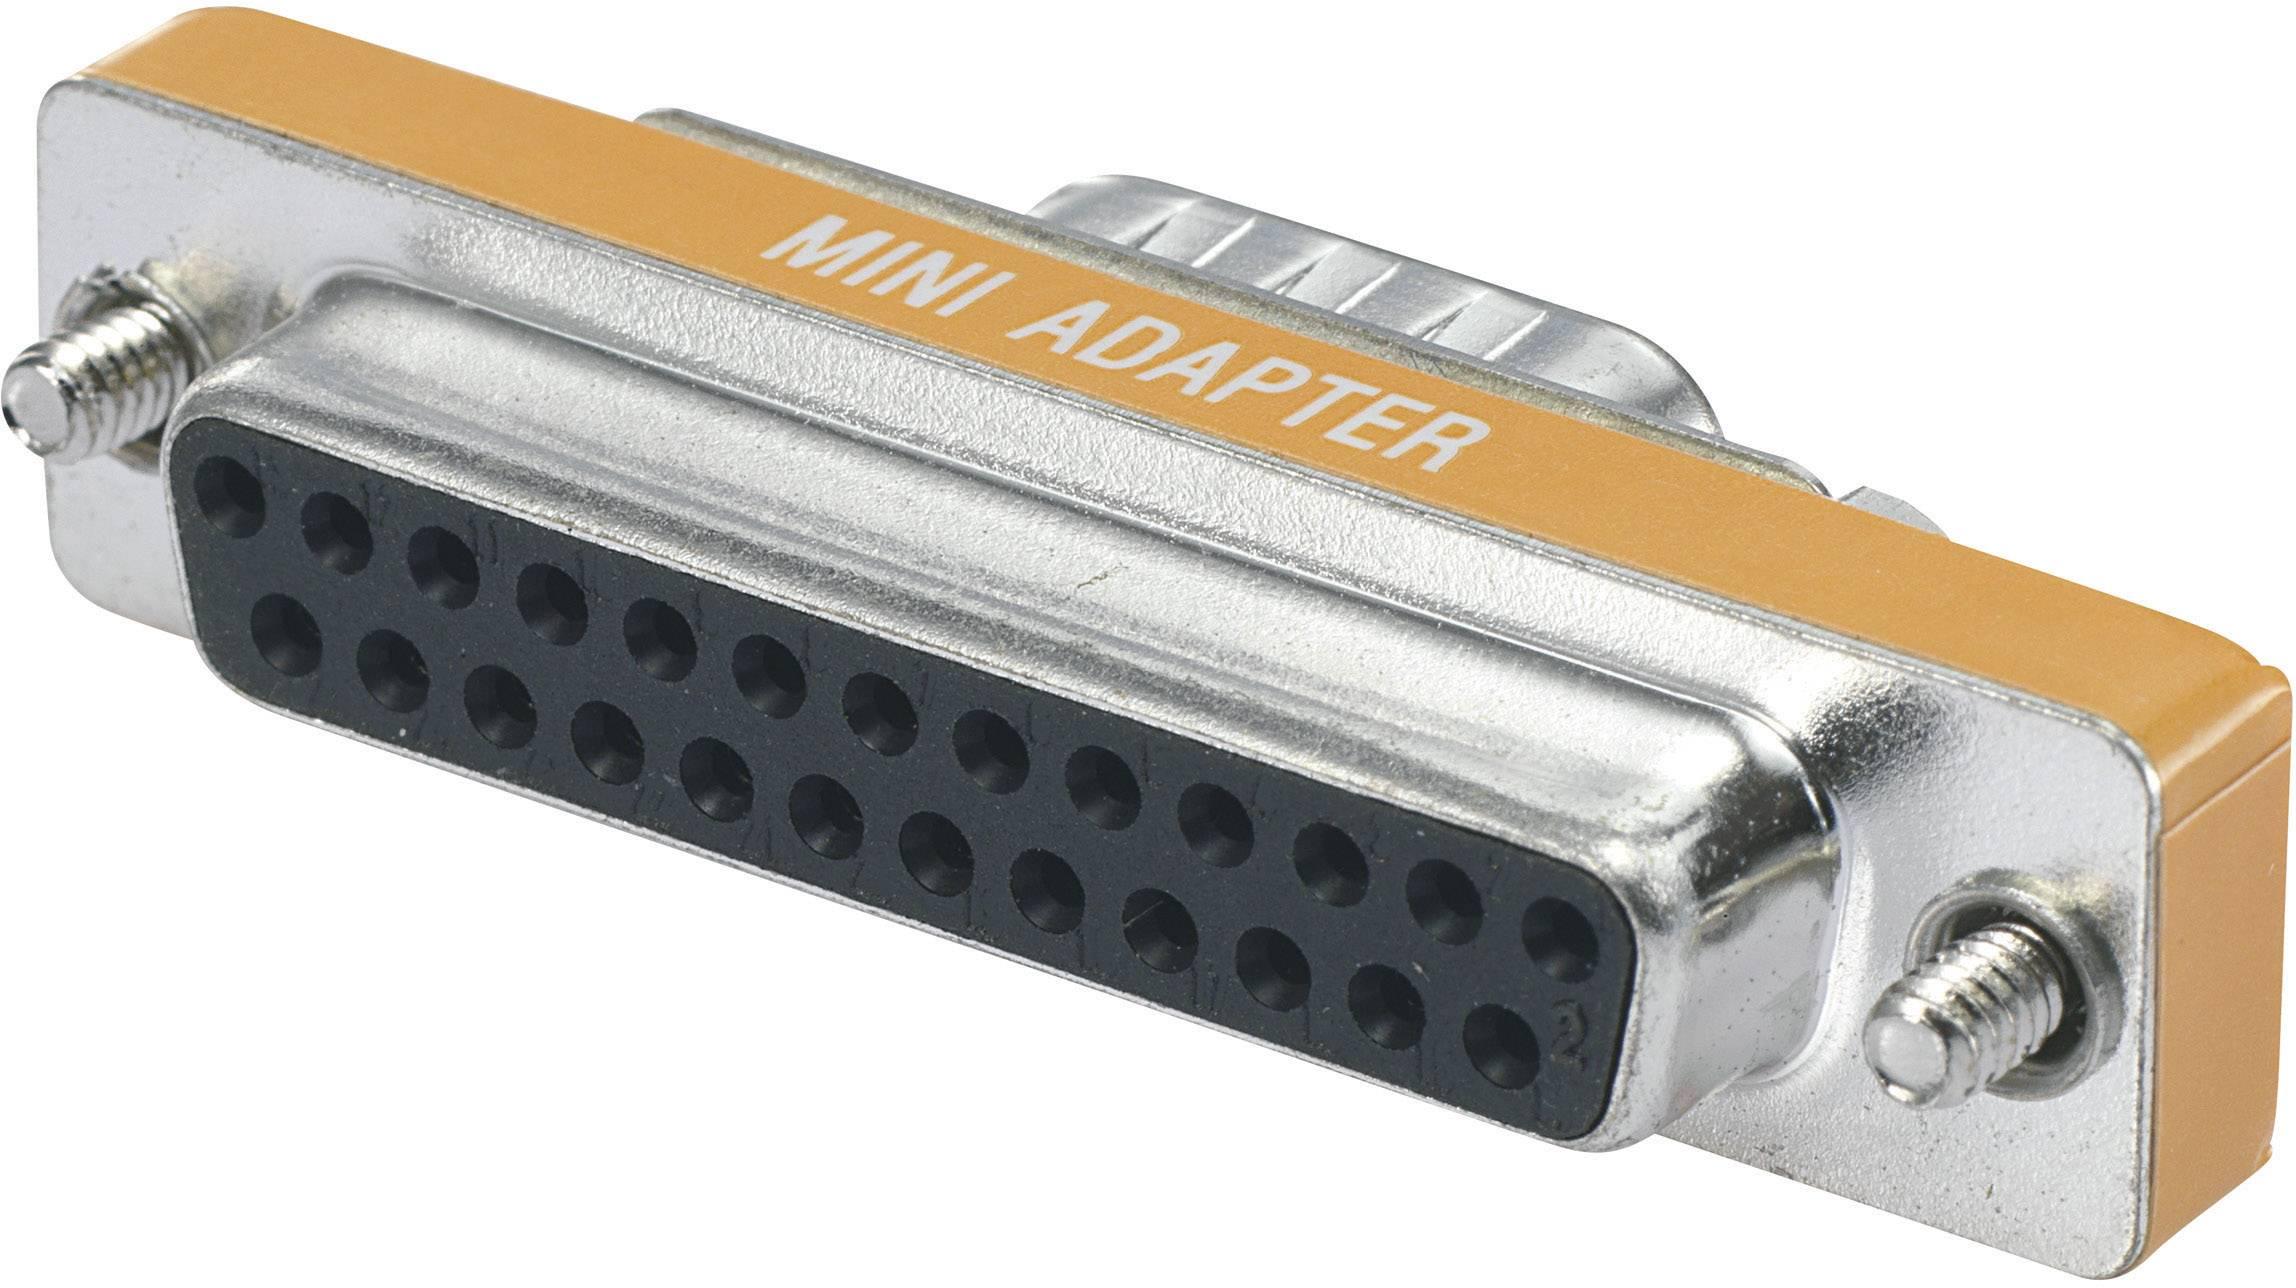 Sériový adaptér BKL Electronic [1x D-SUB zásuvka 25-pólová - 1x D-SUB zástrčka 9-pólová], oranžová